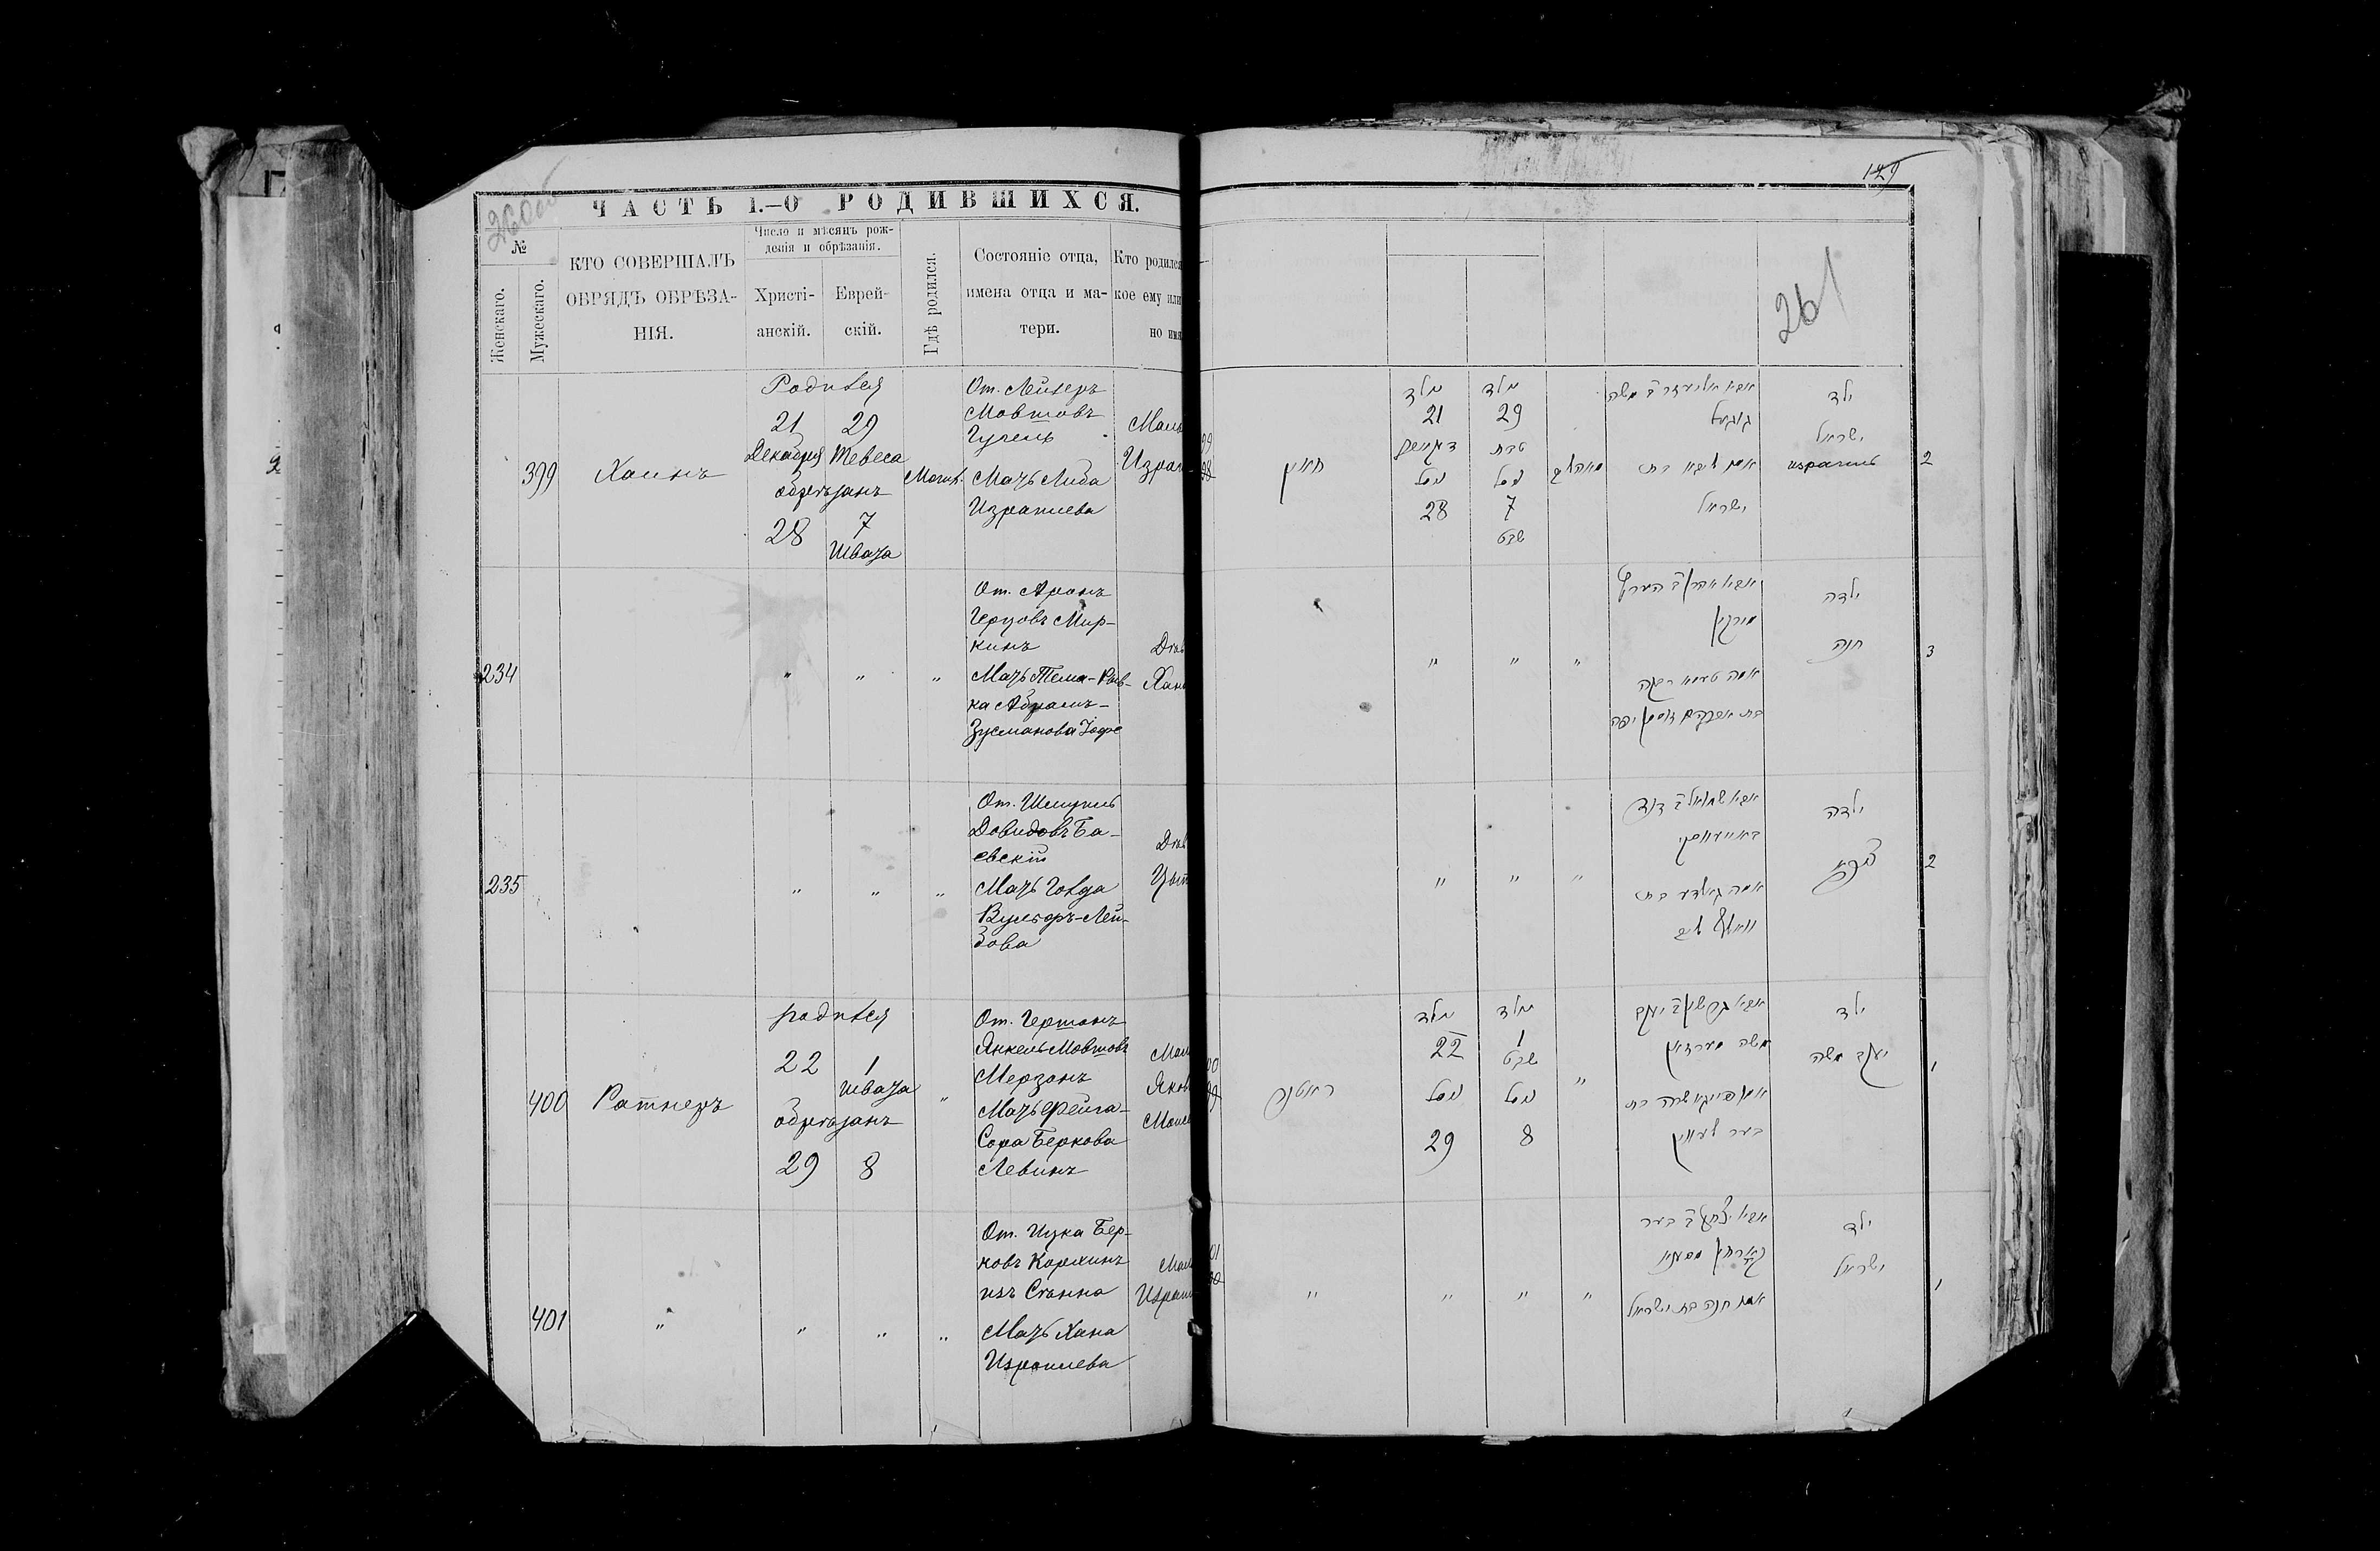 Хана Миркина 28 декабря 1888, запись 234, пленка 007766484, снимок 108